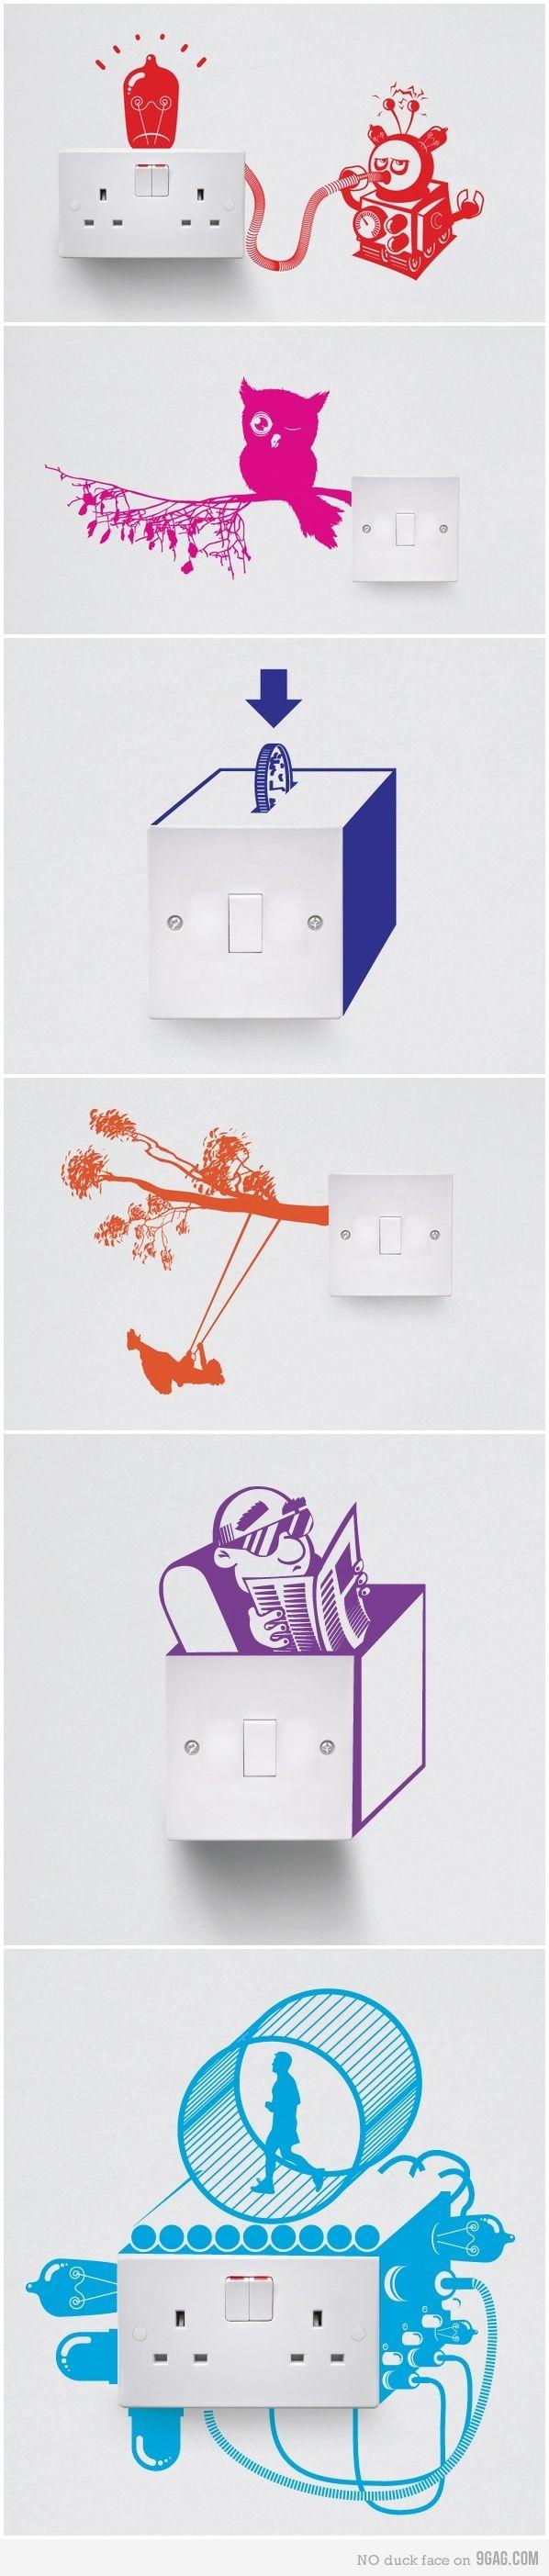 Gadgets til stikkontakt